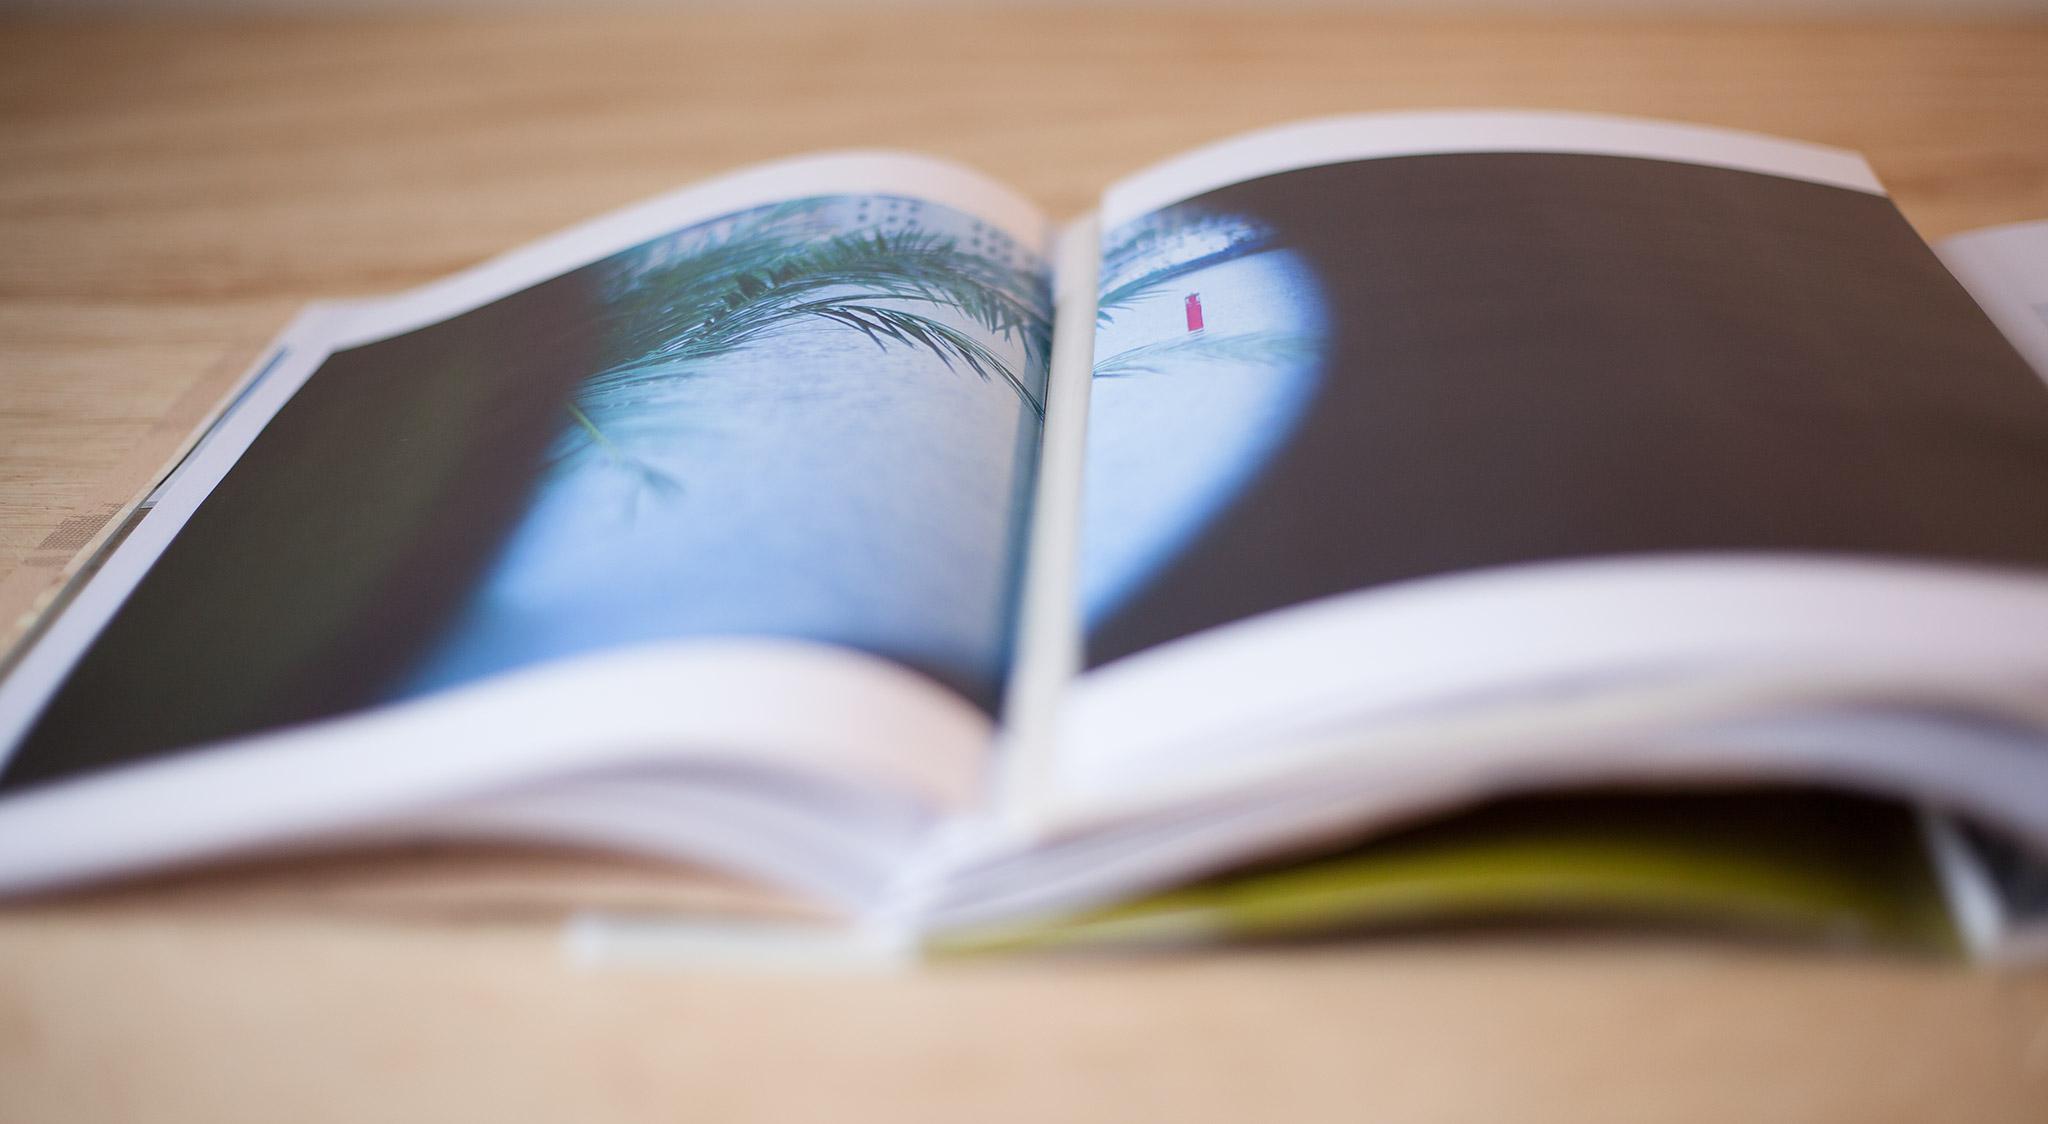 paula-roush-nothing-to-undo-photobook-06